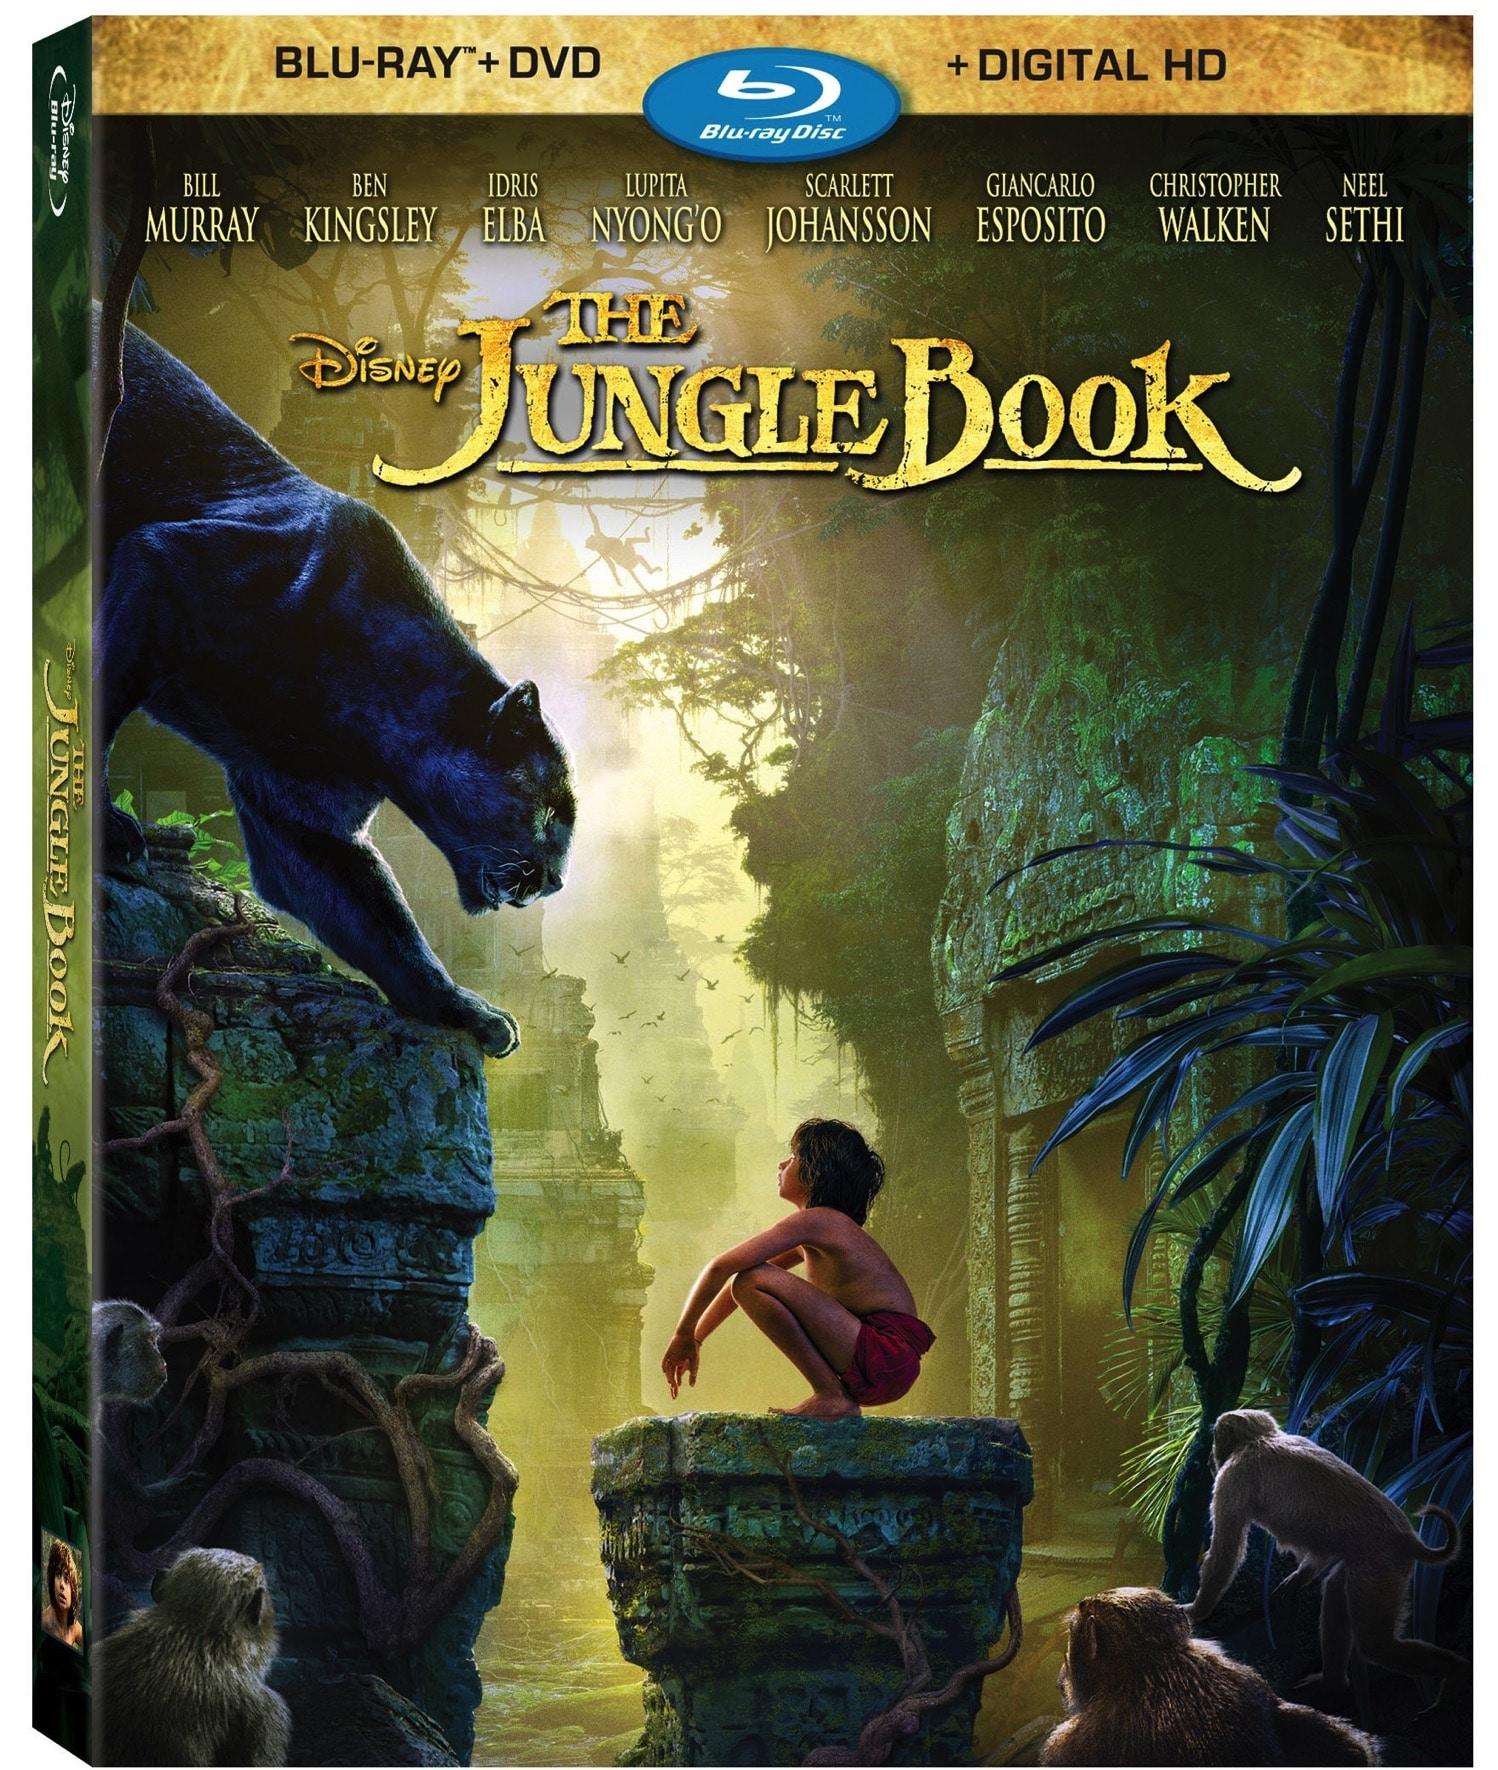 The Jungle Book Bluray